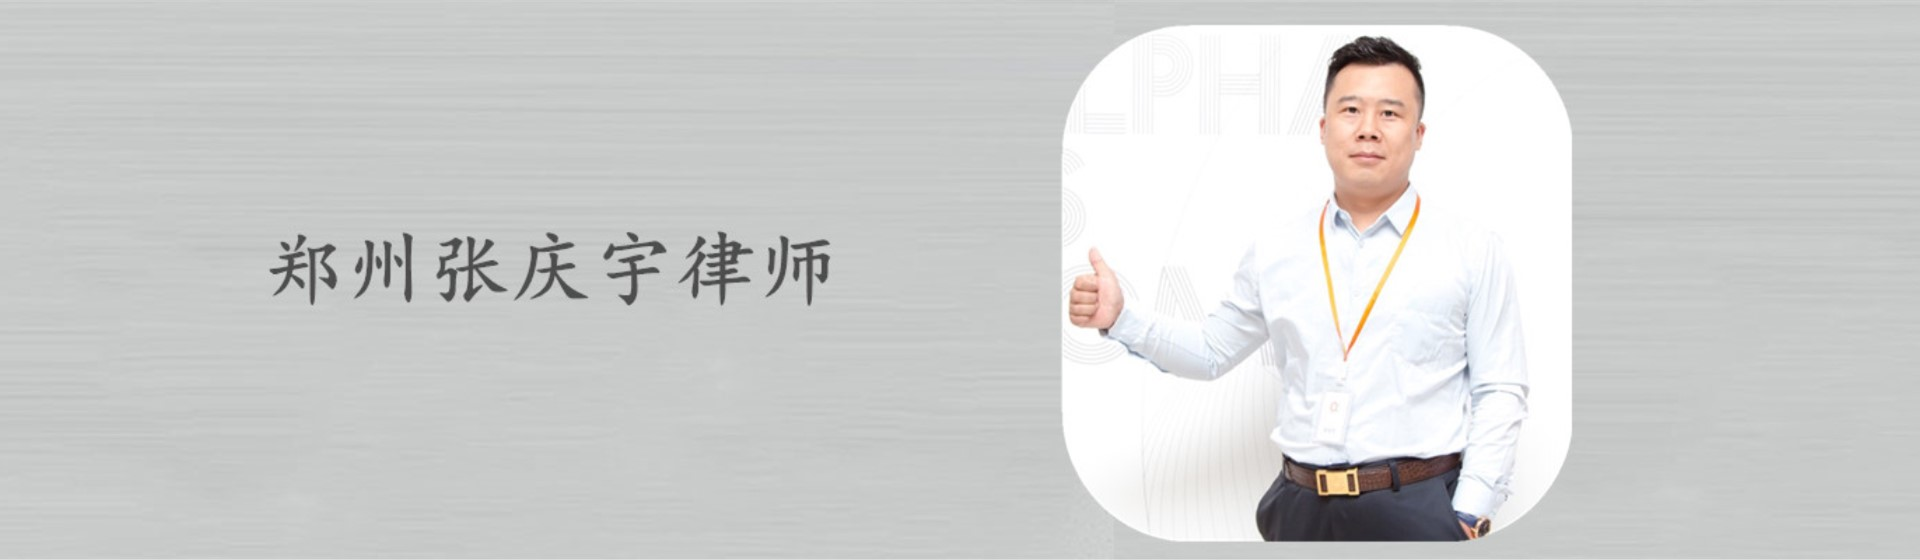 郑州离婚律师大图二